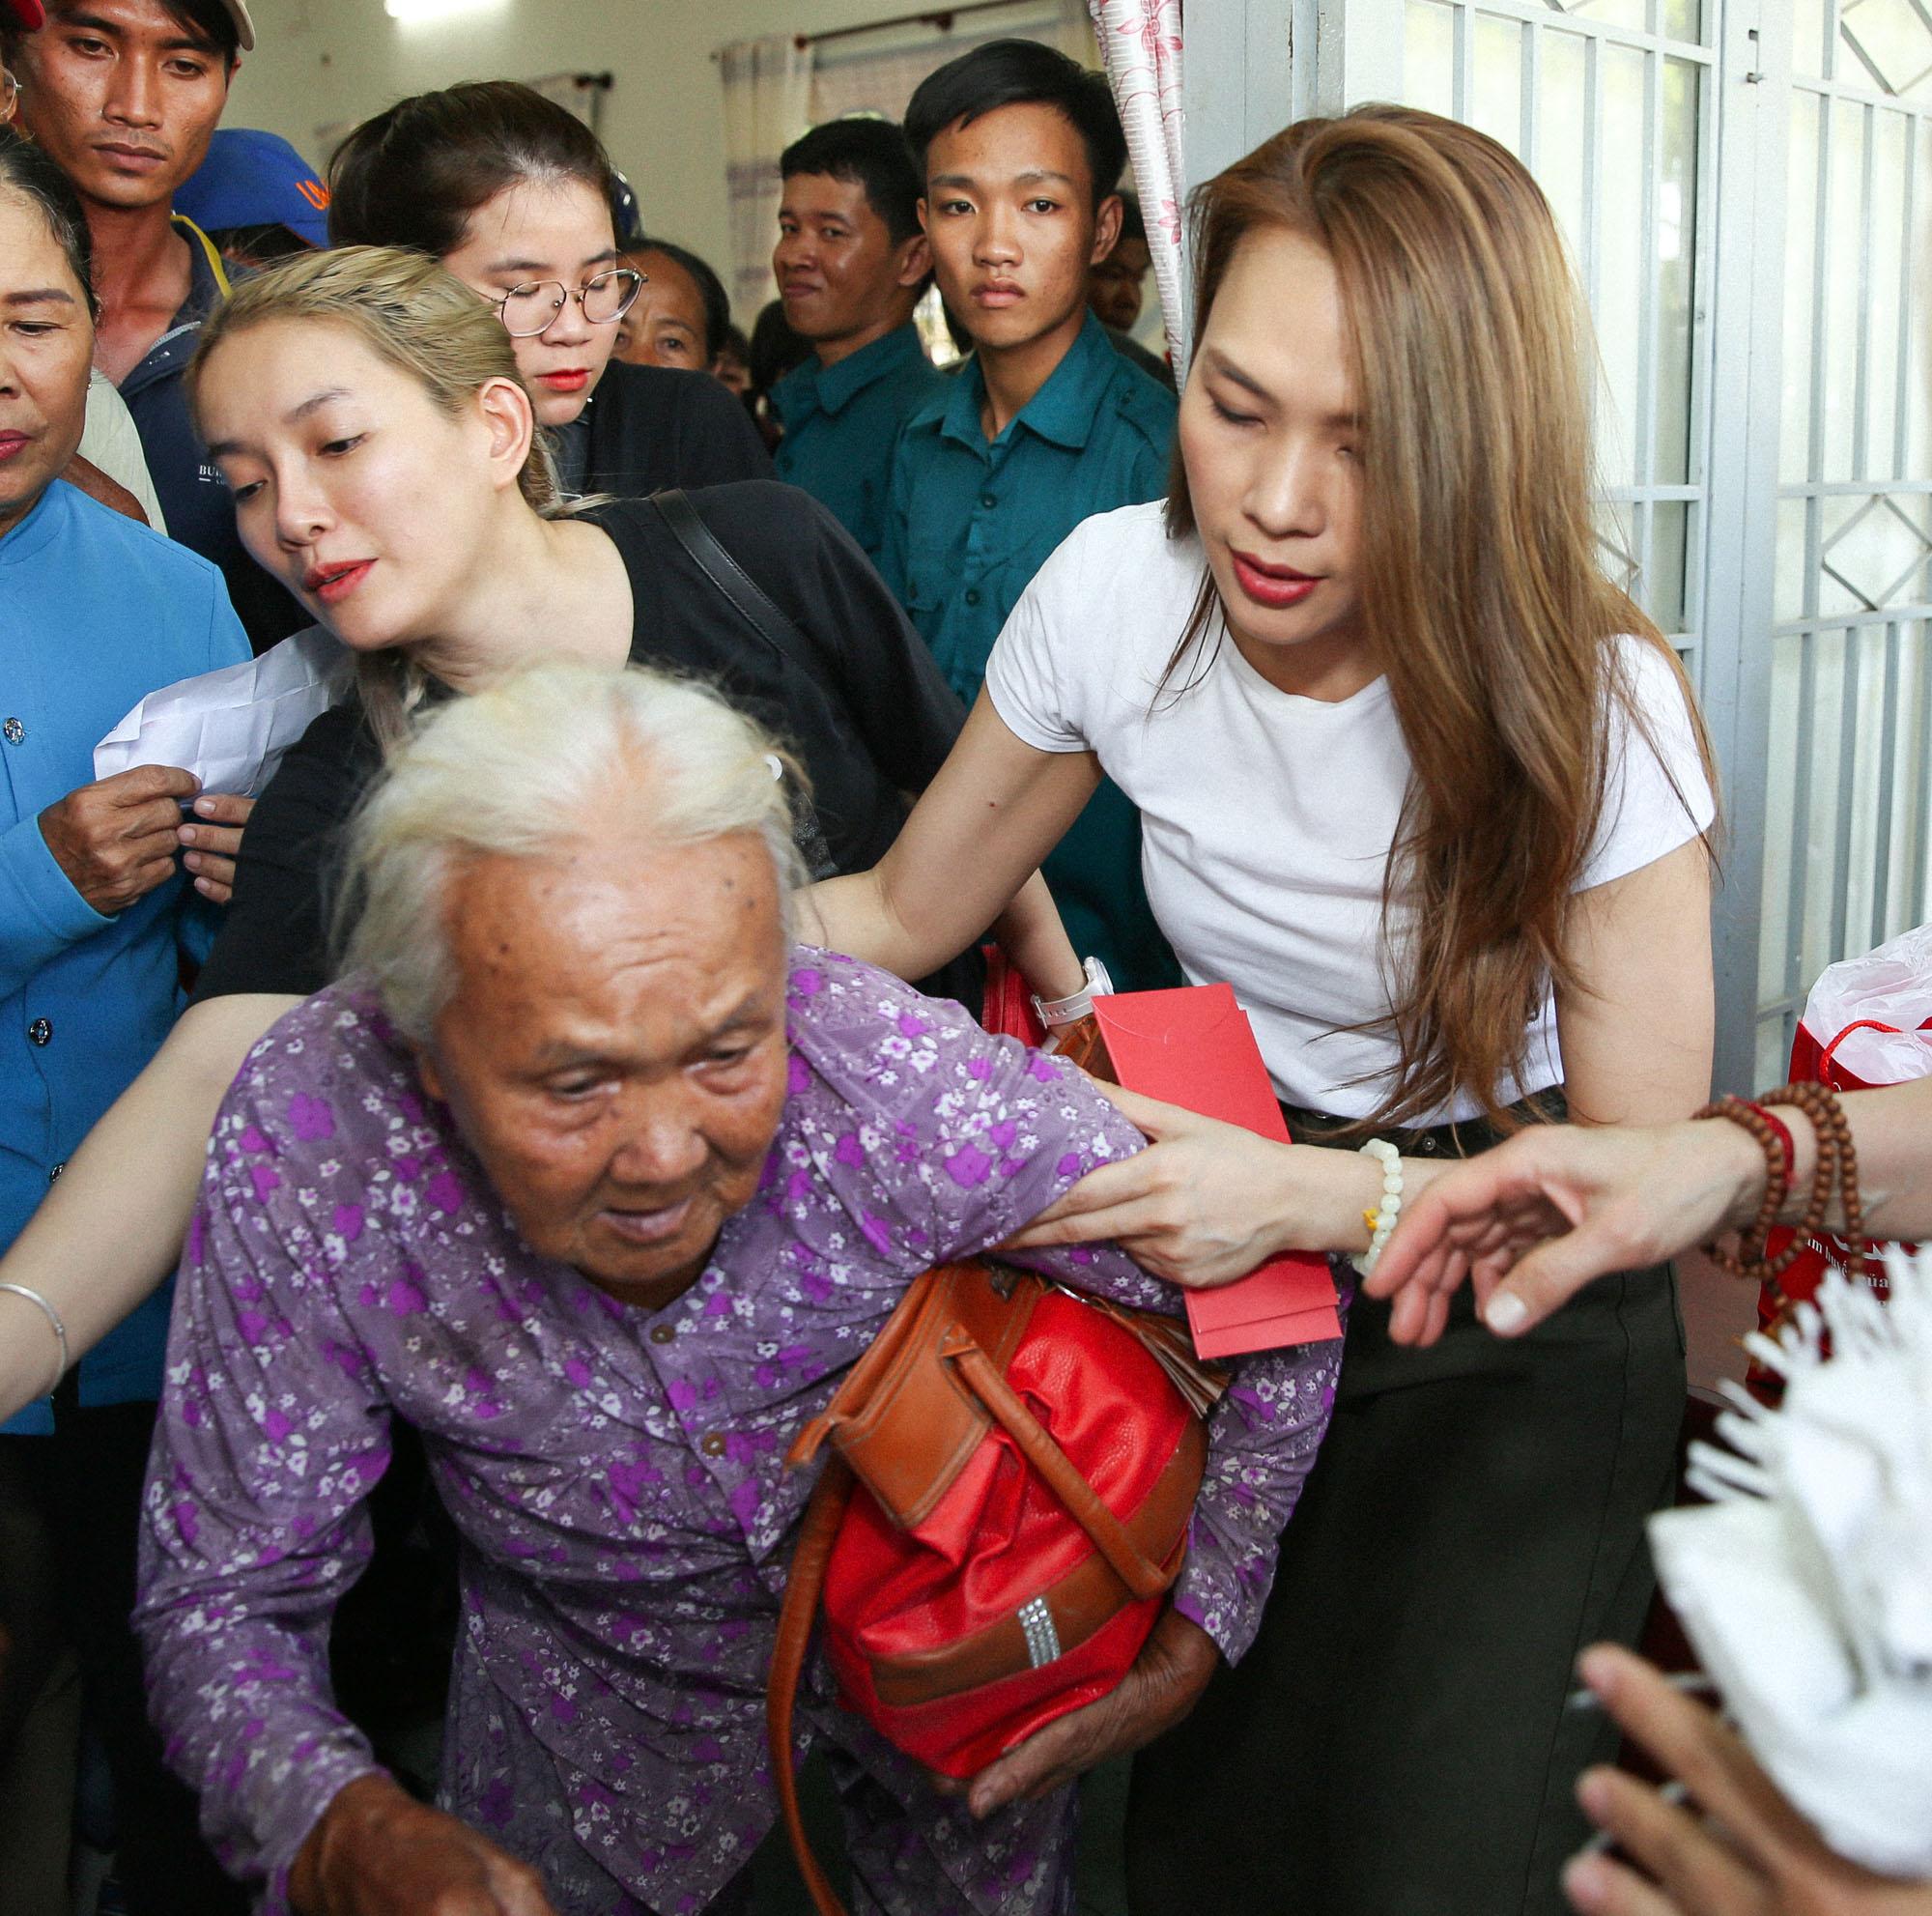 Ngày 14/1, Mỹ Tâm cùng các cộng sự cũng như người hâm mộ đã có chuyến đi đến huyện Mộc Hoá, tỉnh Long An để trao quà Tết từ thiện. Nữ ca sĩ trao tặng 250 phần quà cho bà con nghèo tại đây với nhu yếu phẩm, bao lì xì.